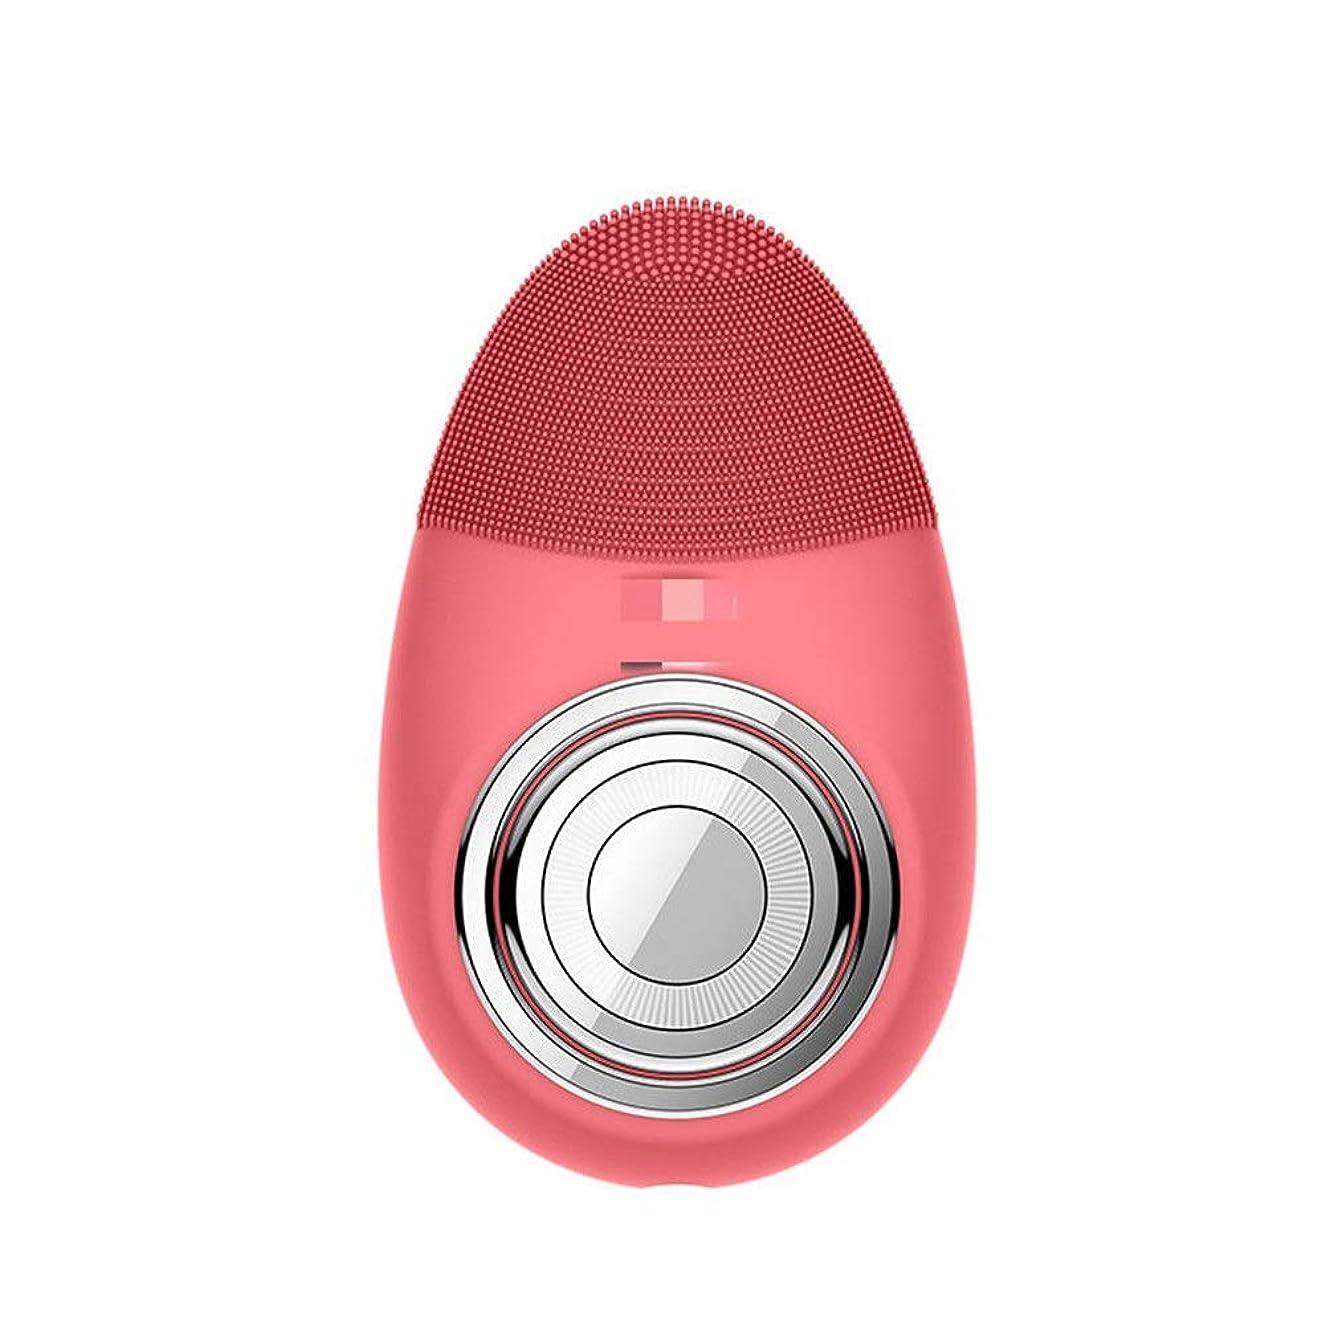 名声マイコン治安判事Cetengkeji 多機能電気恒温シリコーンクレンジング楽器赤灯肌清潔毛穴クリーナー輸入機器美容機器 (Color : Red)